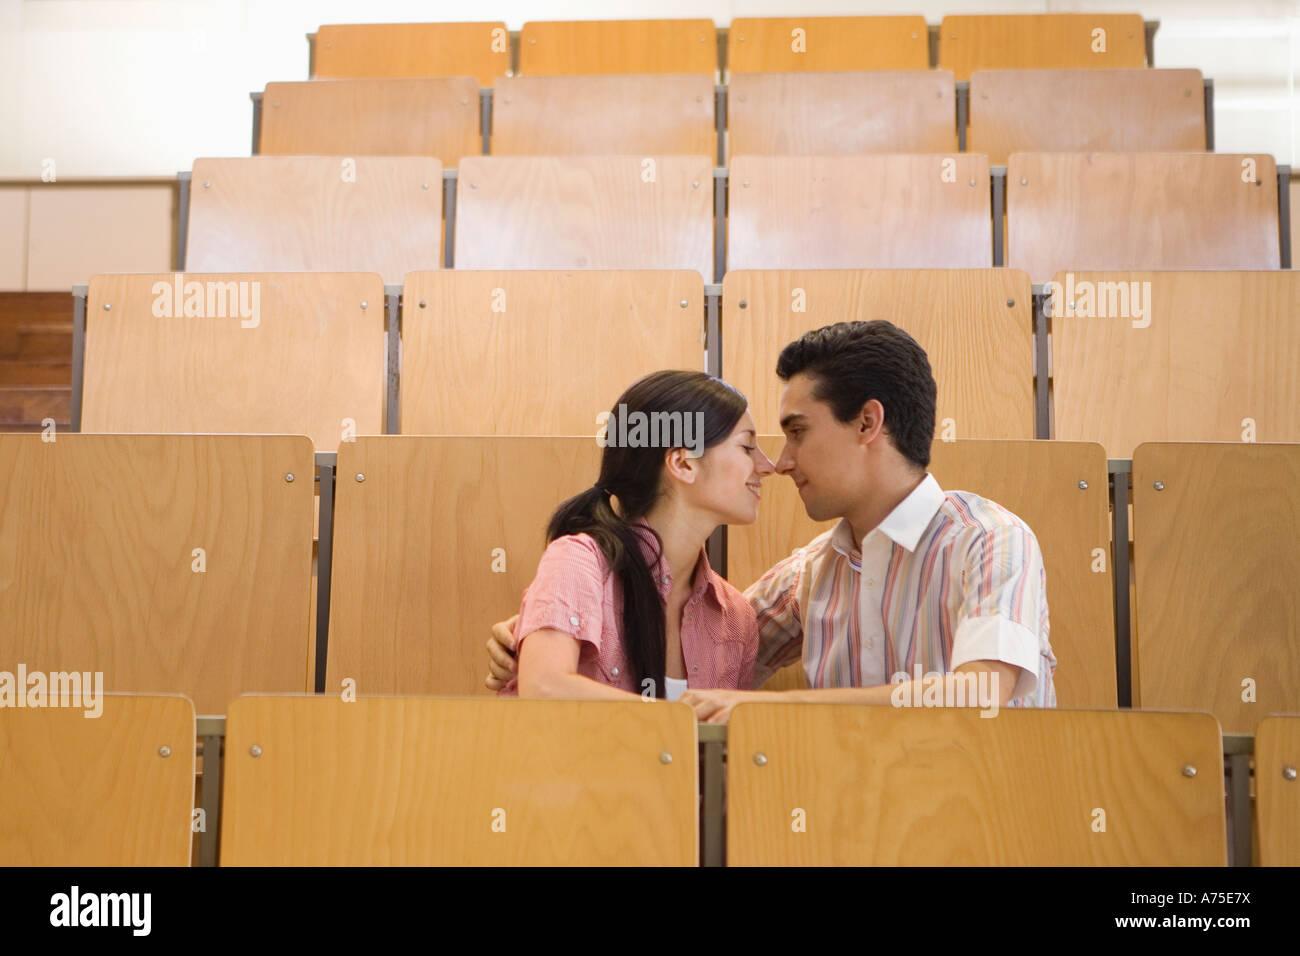 Los estudiantes besándose en aula vacía Foto de stock